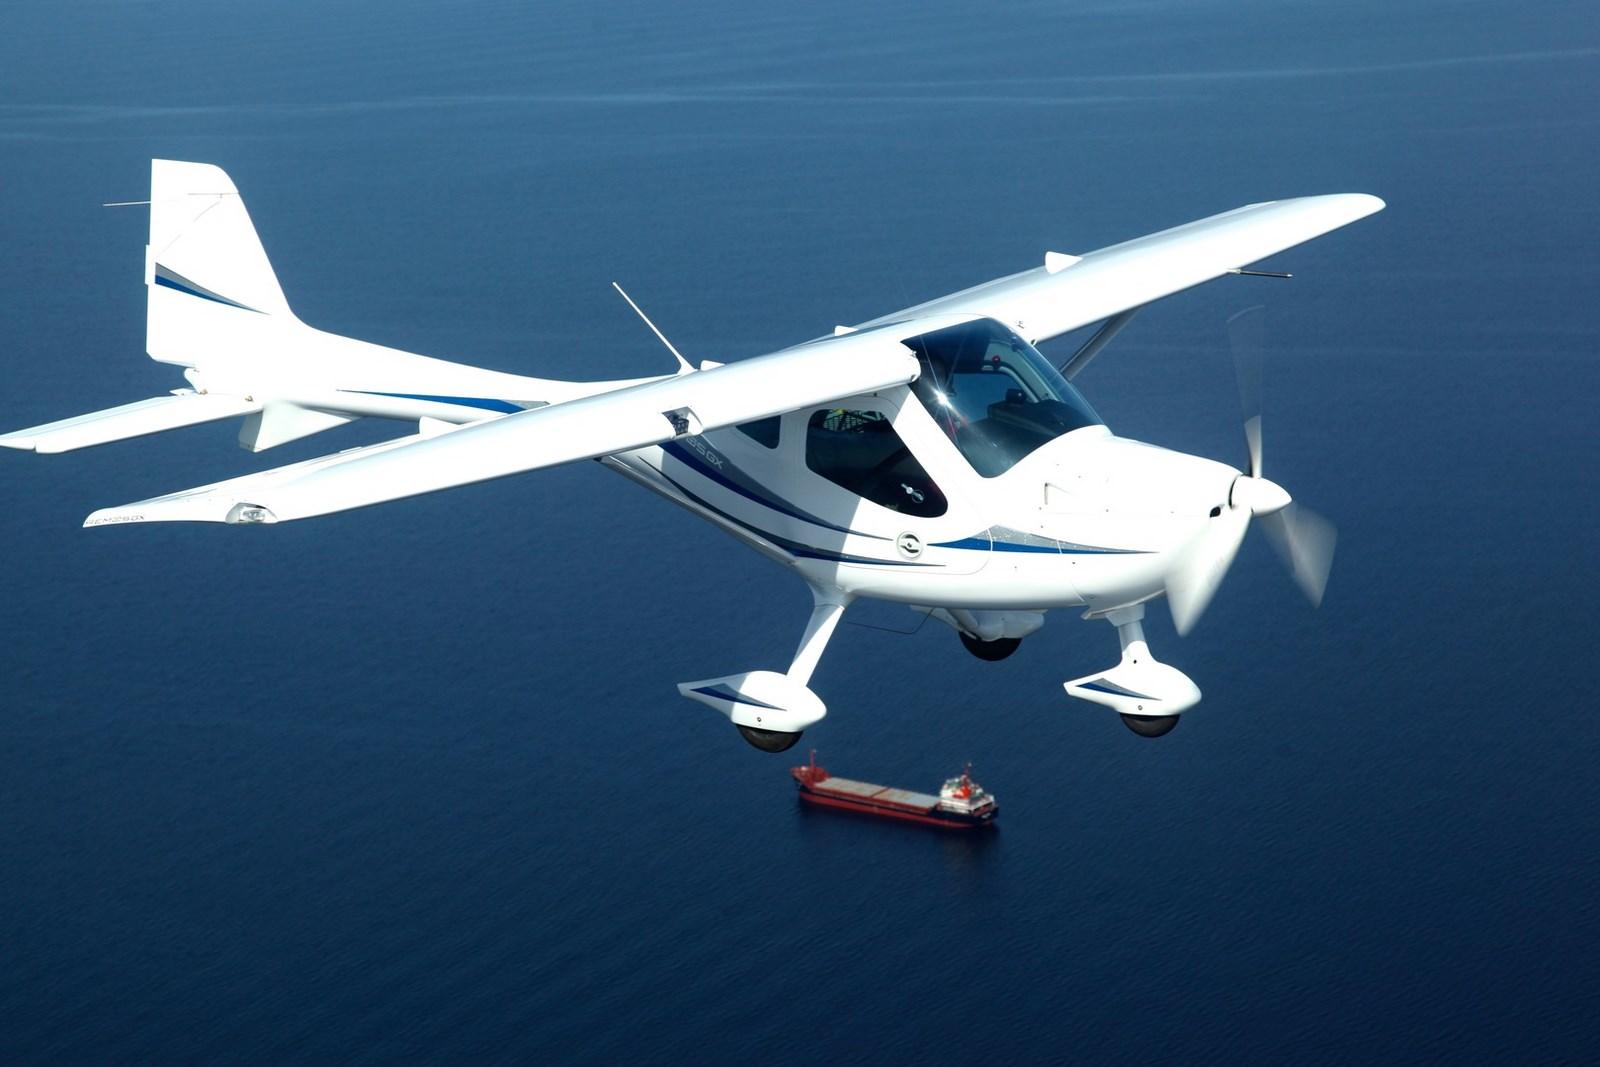 REMOS LIght Sport Aircraft: http://www.mountvernonaviationexpo.com/skybound-aviation/remos-light-sport-aircraft-photo-gallery-remos-light-sport-aircraft10.html